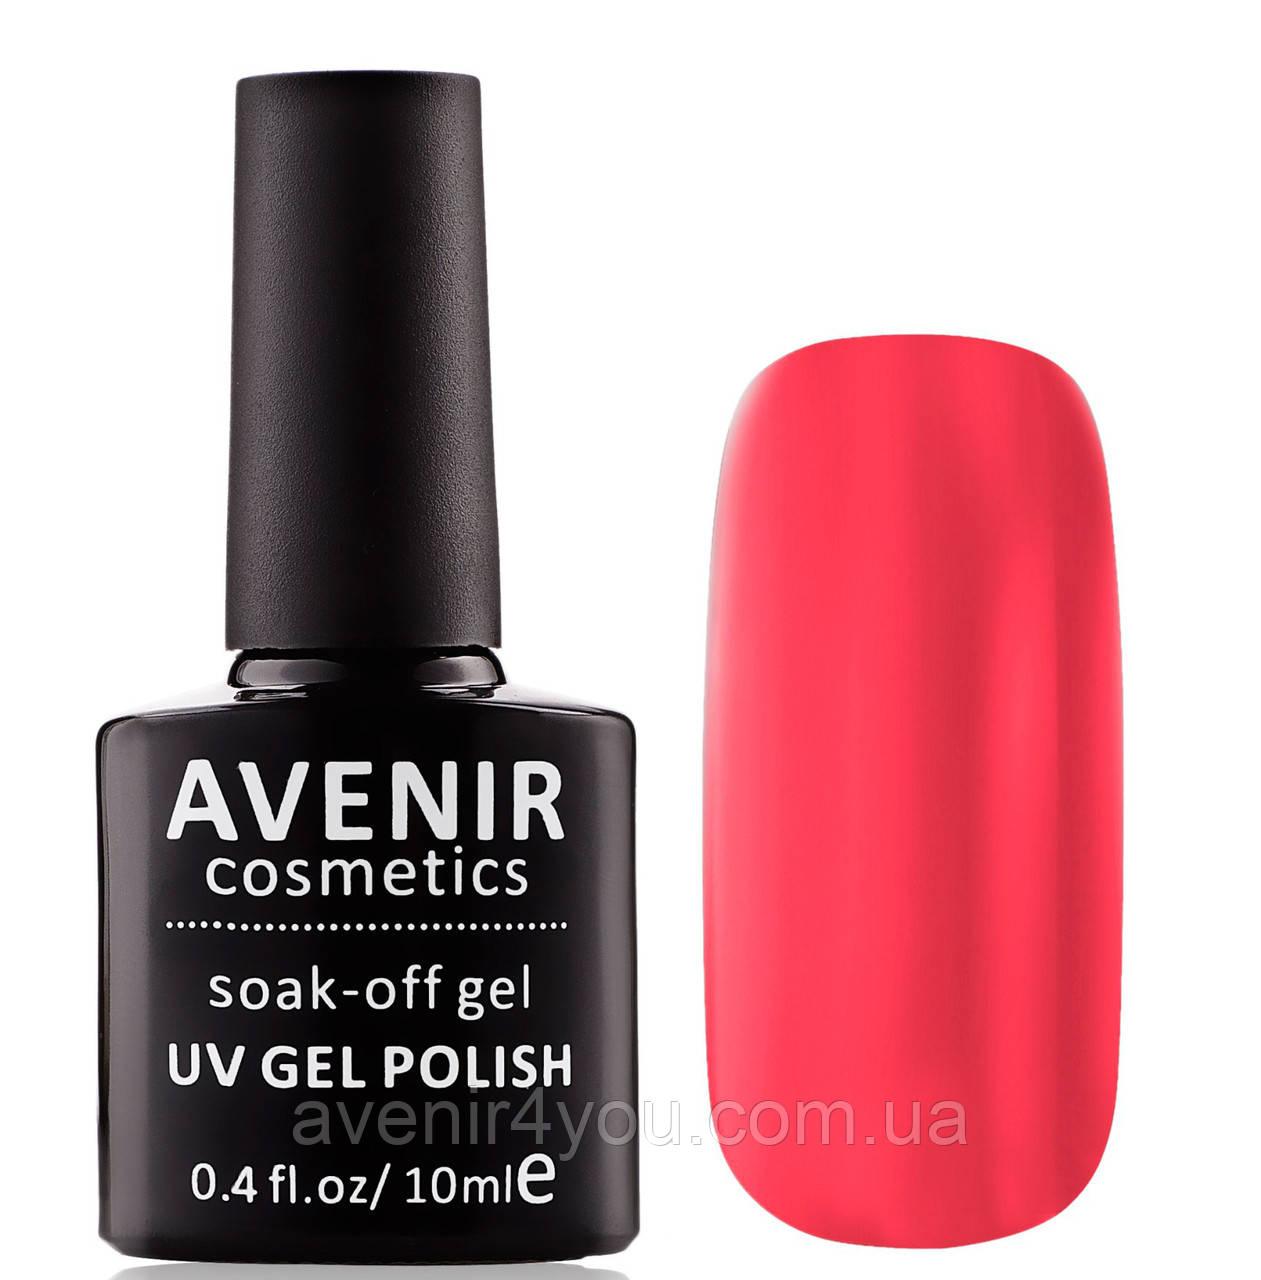 Гель-лак AVENIR Cosmetics №104. Неоновый оранжево-розовый